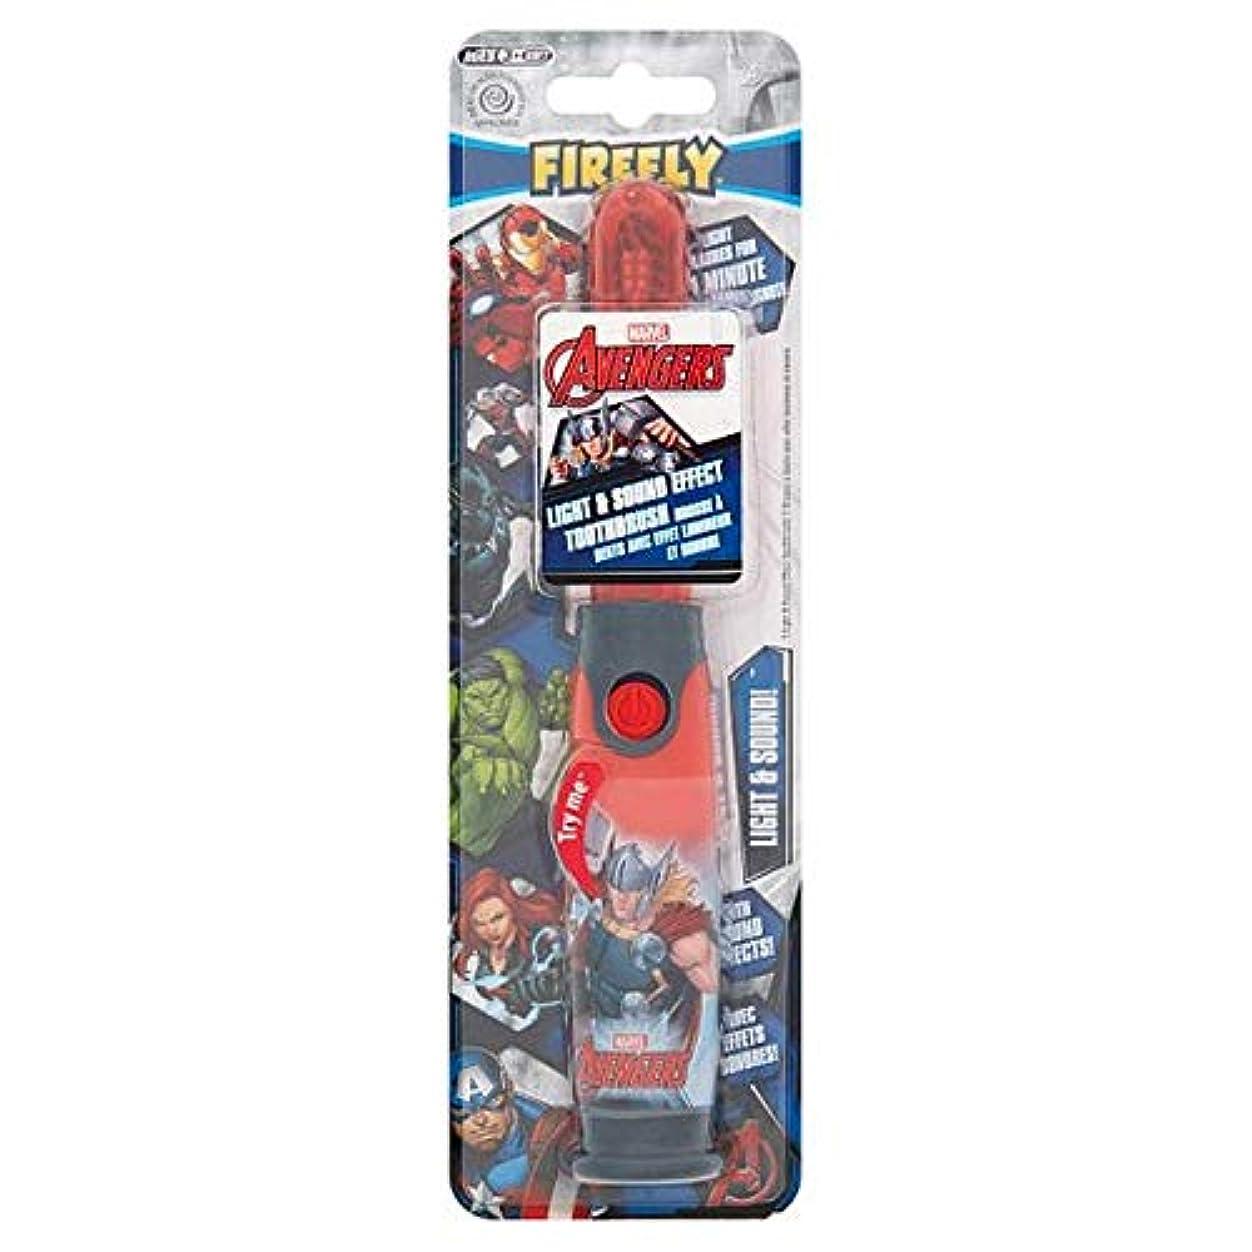 サーキットに行く故障致死[Firefly ] アベンジャーズホタルの光と音の歯ブラシ - Avengers Firefly Light And Sound Toothbrush [並行輸入品]